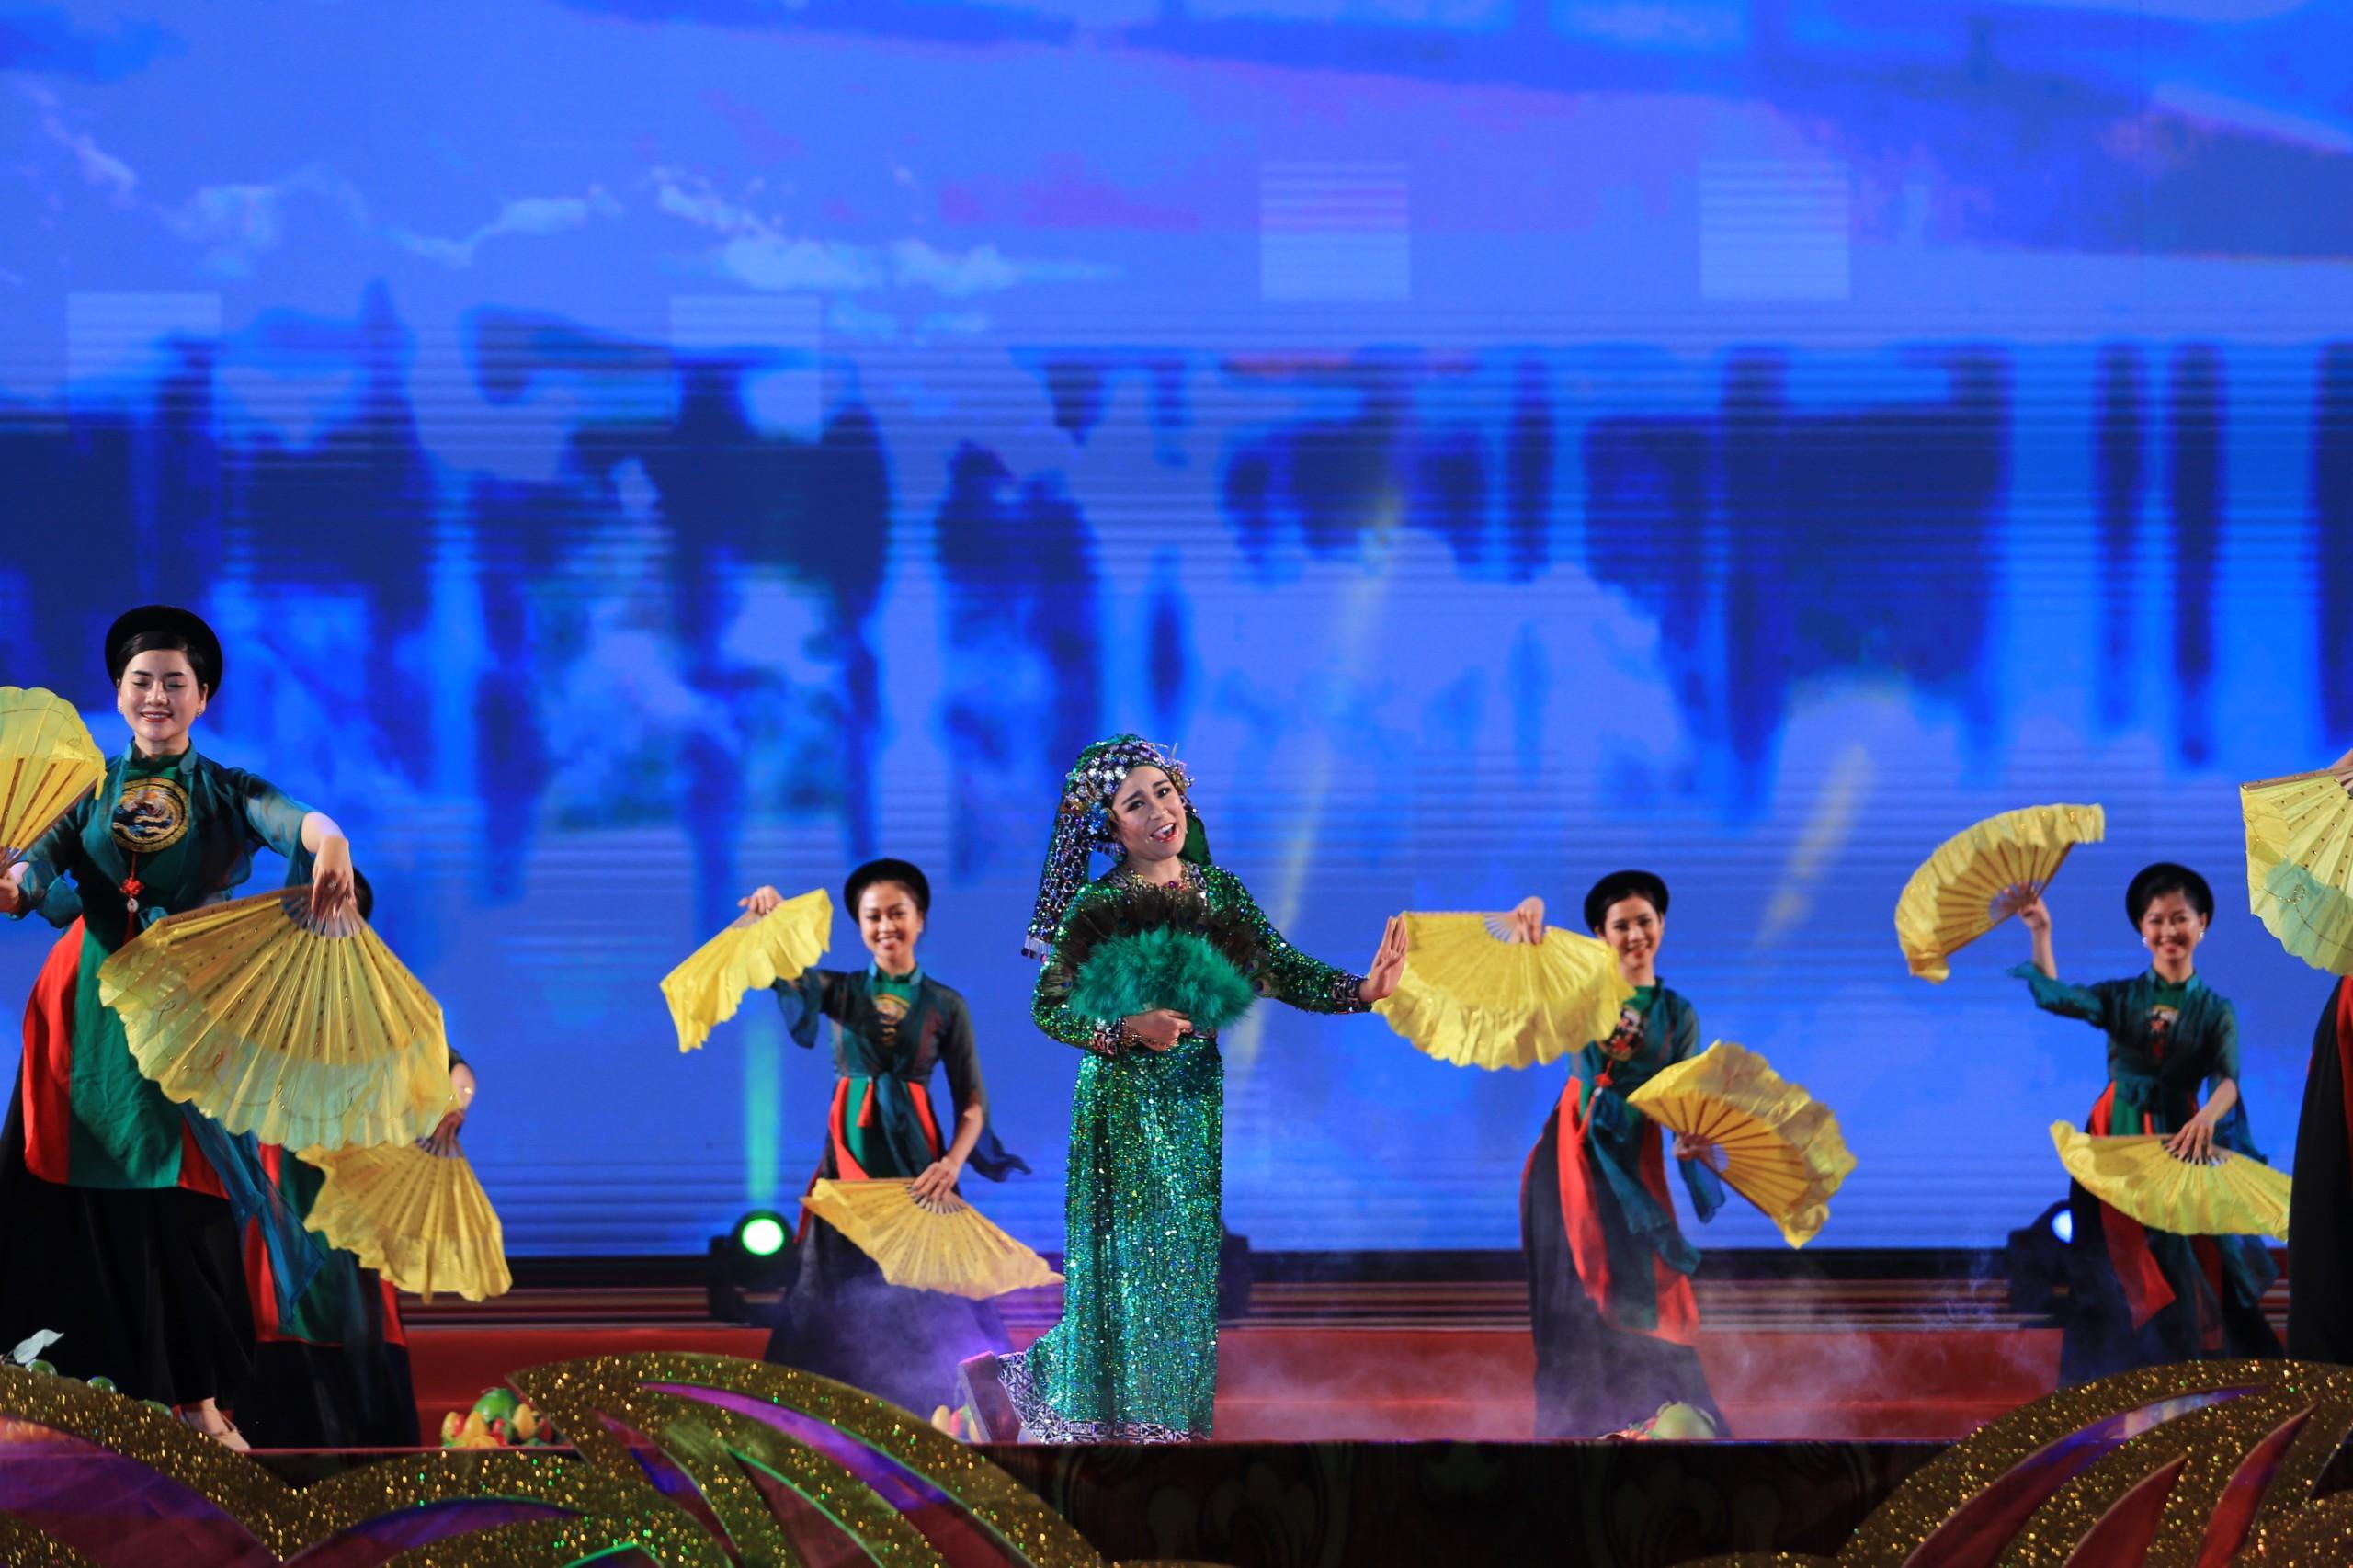 Là một Di sản văn hóa phi vật thể đại diện của nhân loại gắn liền với Đạo Mẫu Việt Nam, hát văn ngày càng trở thành một trong những hình thức diễn xướng dân gian được yêu thích, quan tâm và mến mộ. Với sự kết hợp hài hòa, phong phú và sinh động giữa tiết tấu, giai điệu, lời hát, các động tác cử chỉ, sự biểu cảm trên khuôn mặt và những trang phục đặc sắc